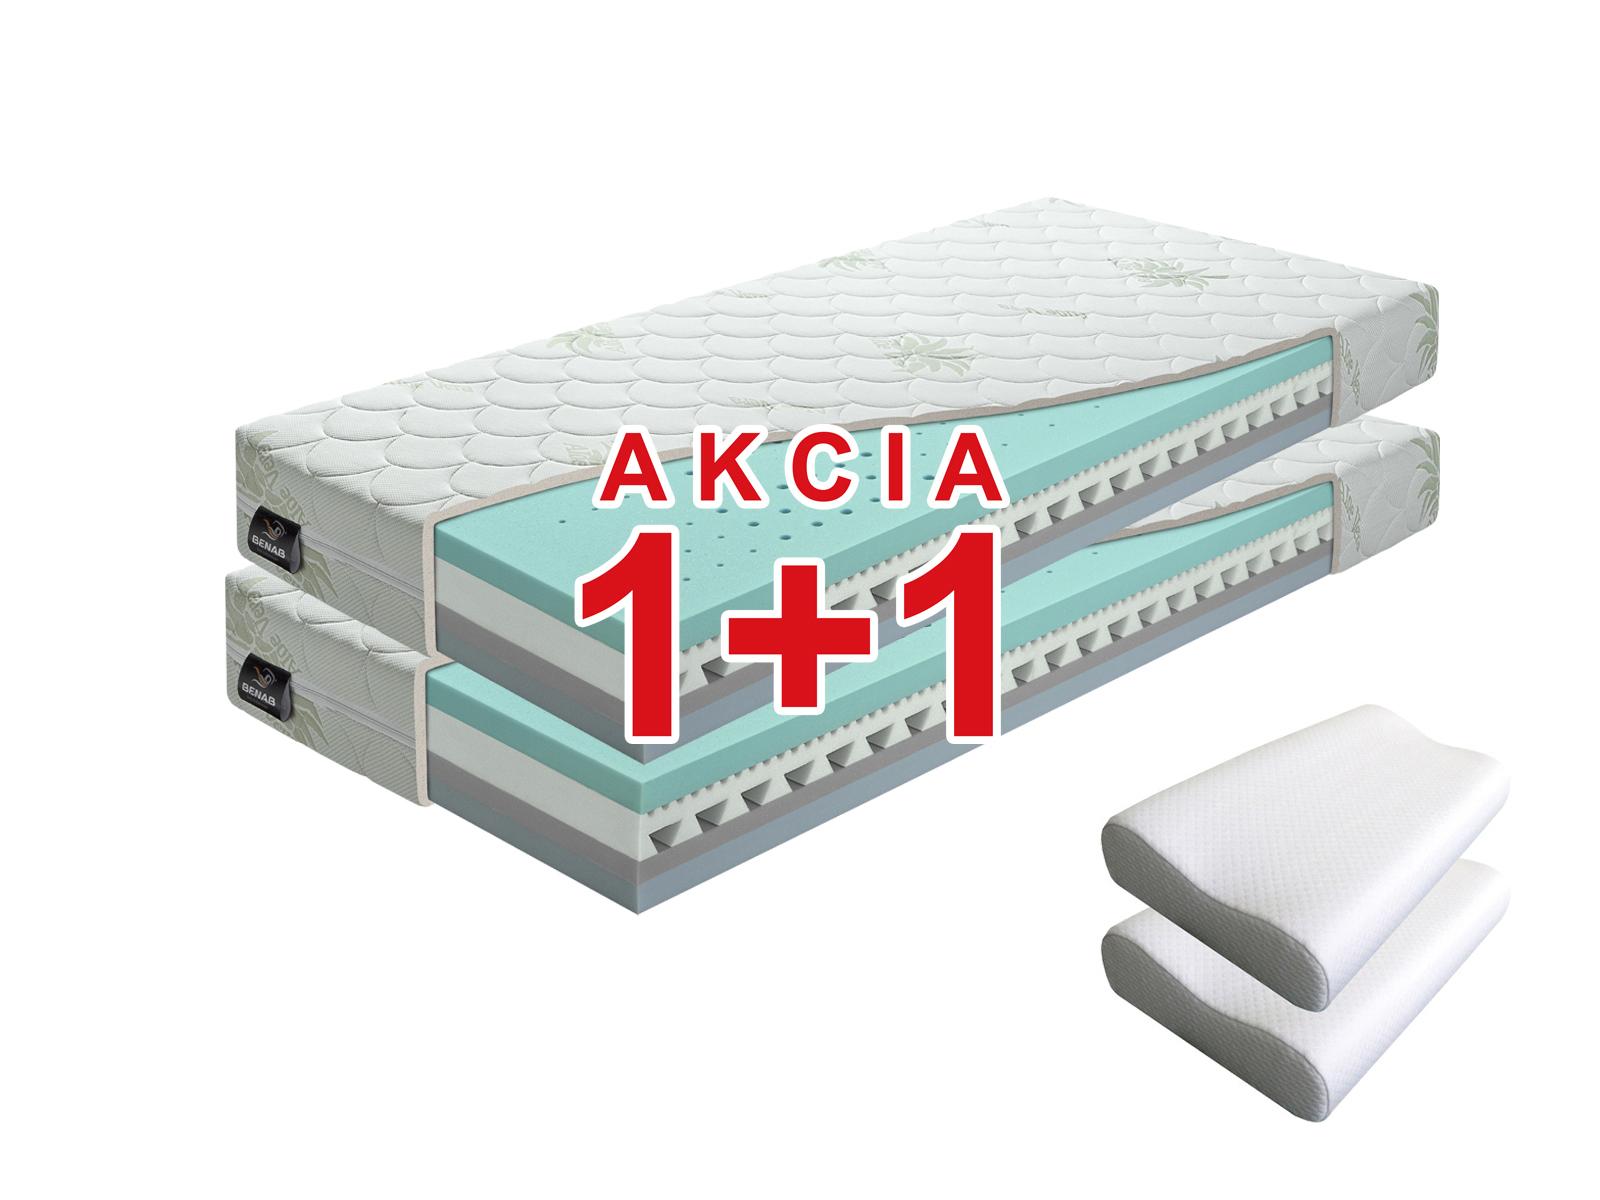 Penový matrac - Benab - Omega Flex Duo - 200x90 cm (T3/T4) *AKCIA 1+1 + 2 vankúše. Akcia (1+1): populárny a pohodlný obojstranný matrac so snímateľným poťahom, z naturálnej BIO peny so 7-zónovým odvetrávacím systémom vyrobený na Slovensku